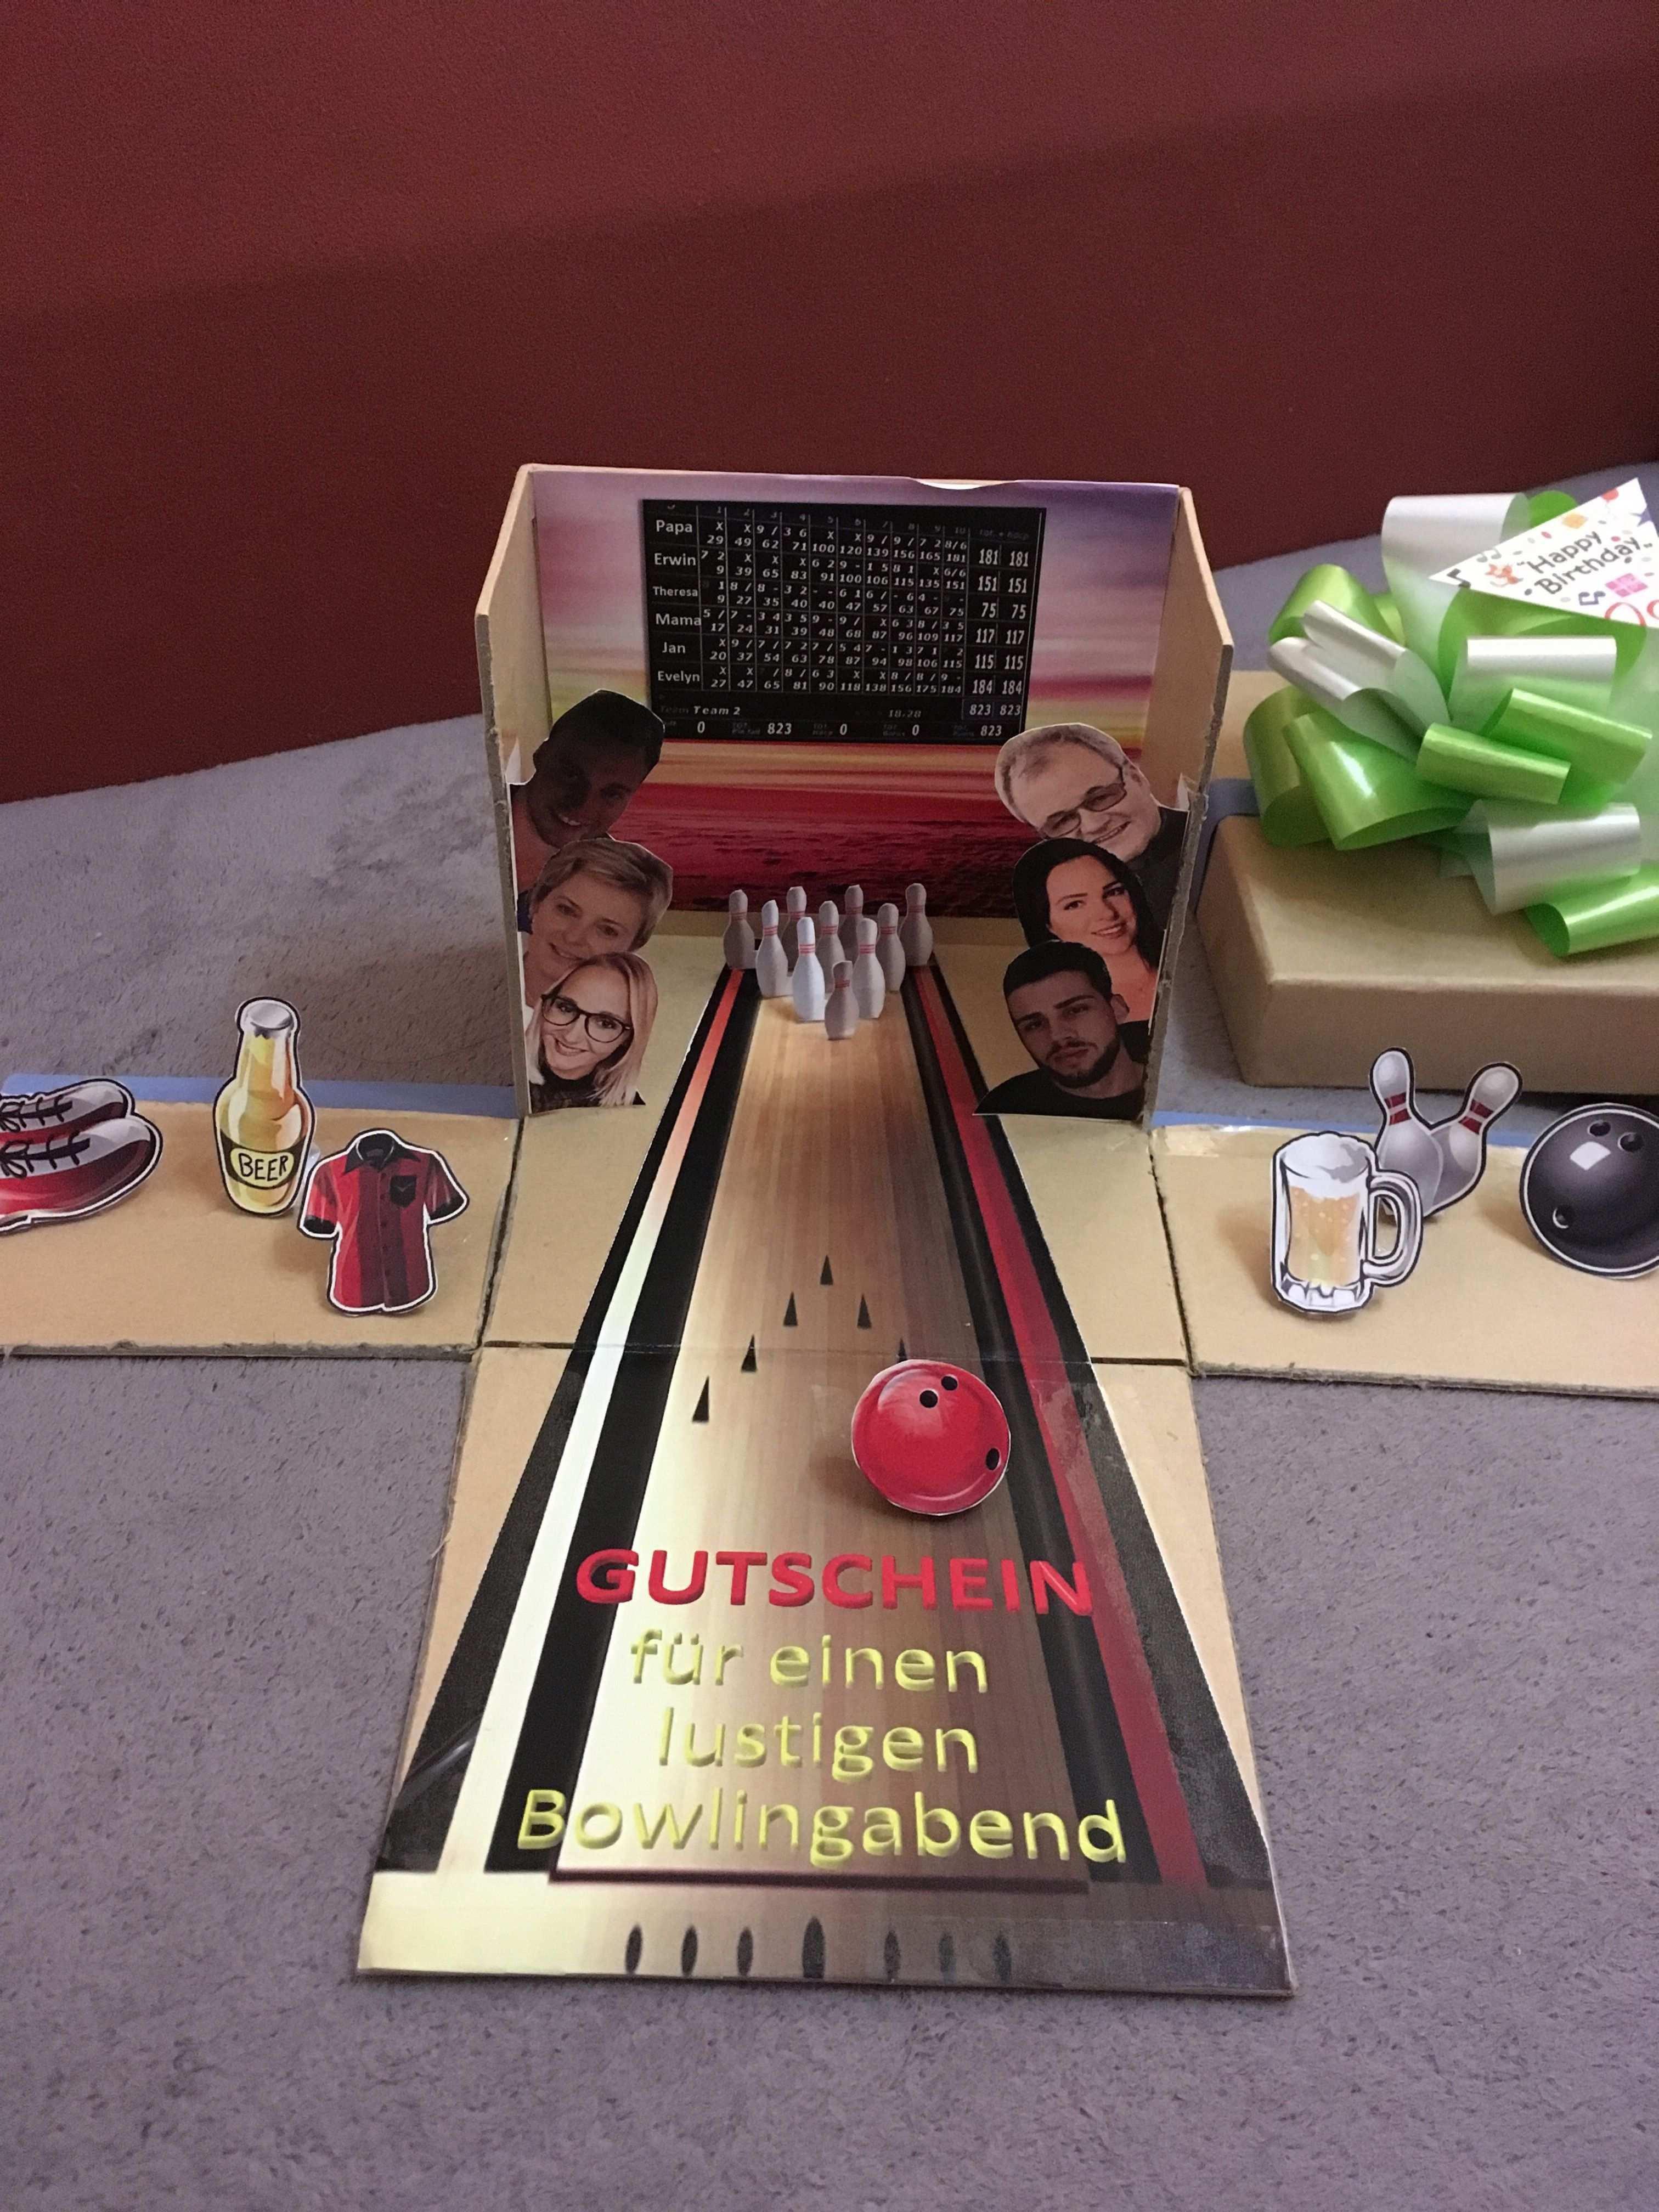 Bowlinggutschein Gutschein Basteln Gutschein Verpacken Geburtstag Gutscheine